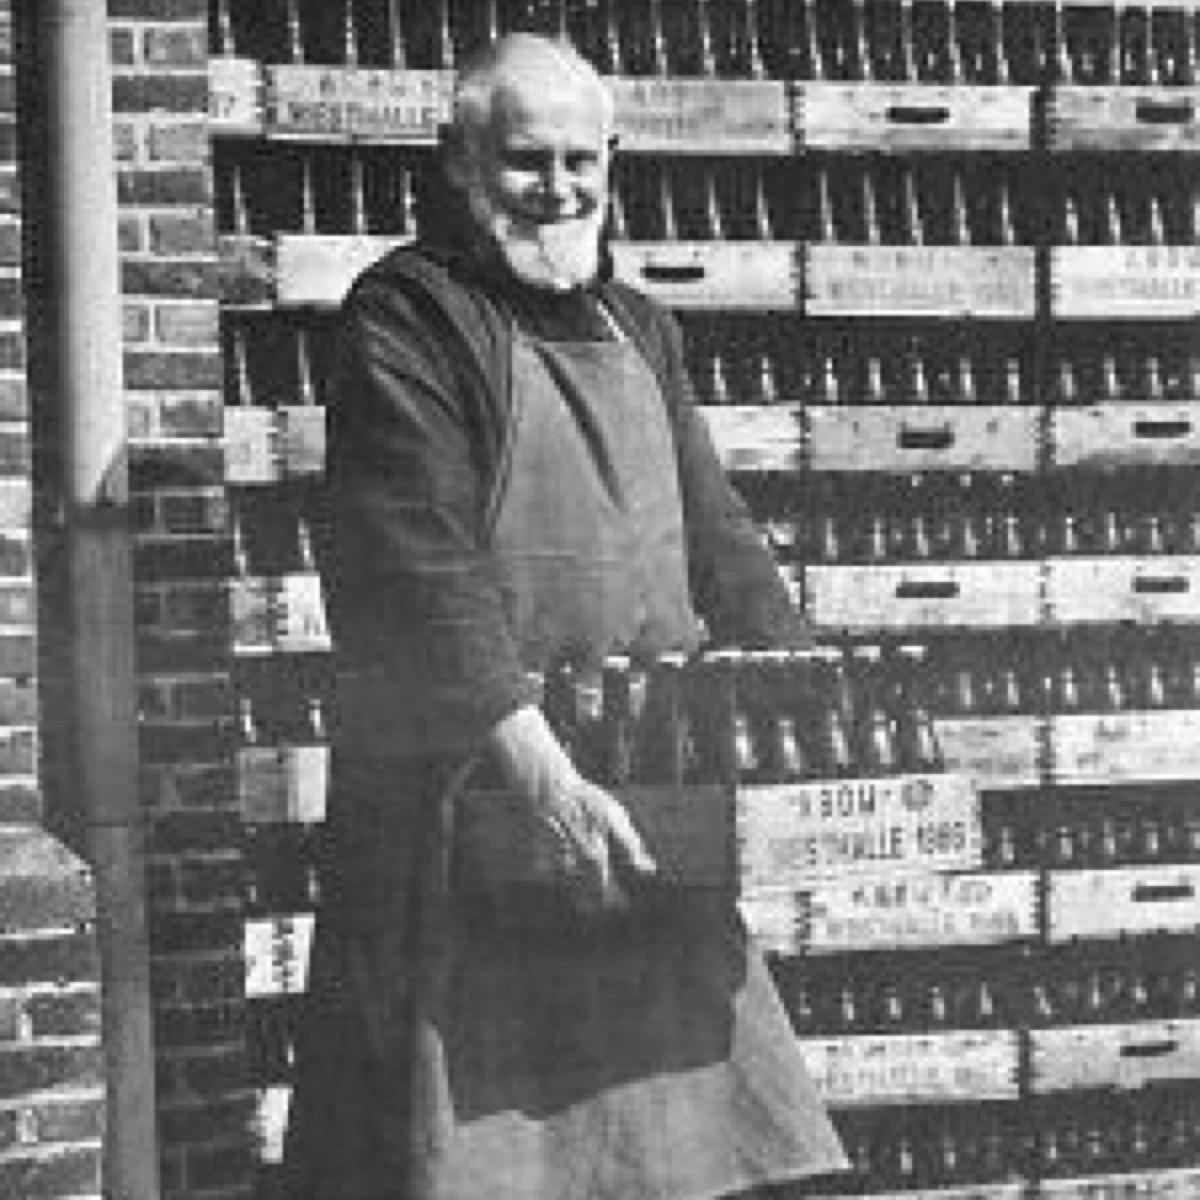 Ci-dessus, un moine de Westmalle travaillant dans sa brasserie en 1966, date à laquelle la Westmalle Tripel était déjà depuis 20 ans la toute première bière du genre triple dans le monde entier